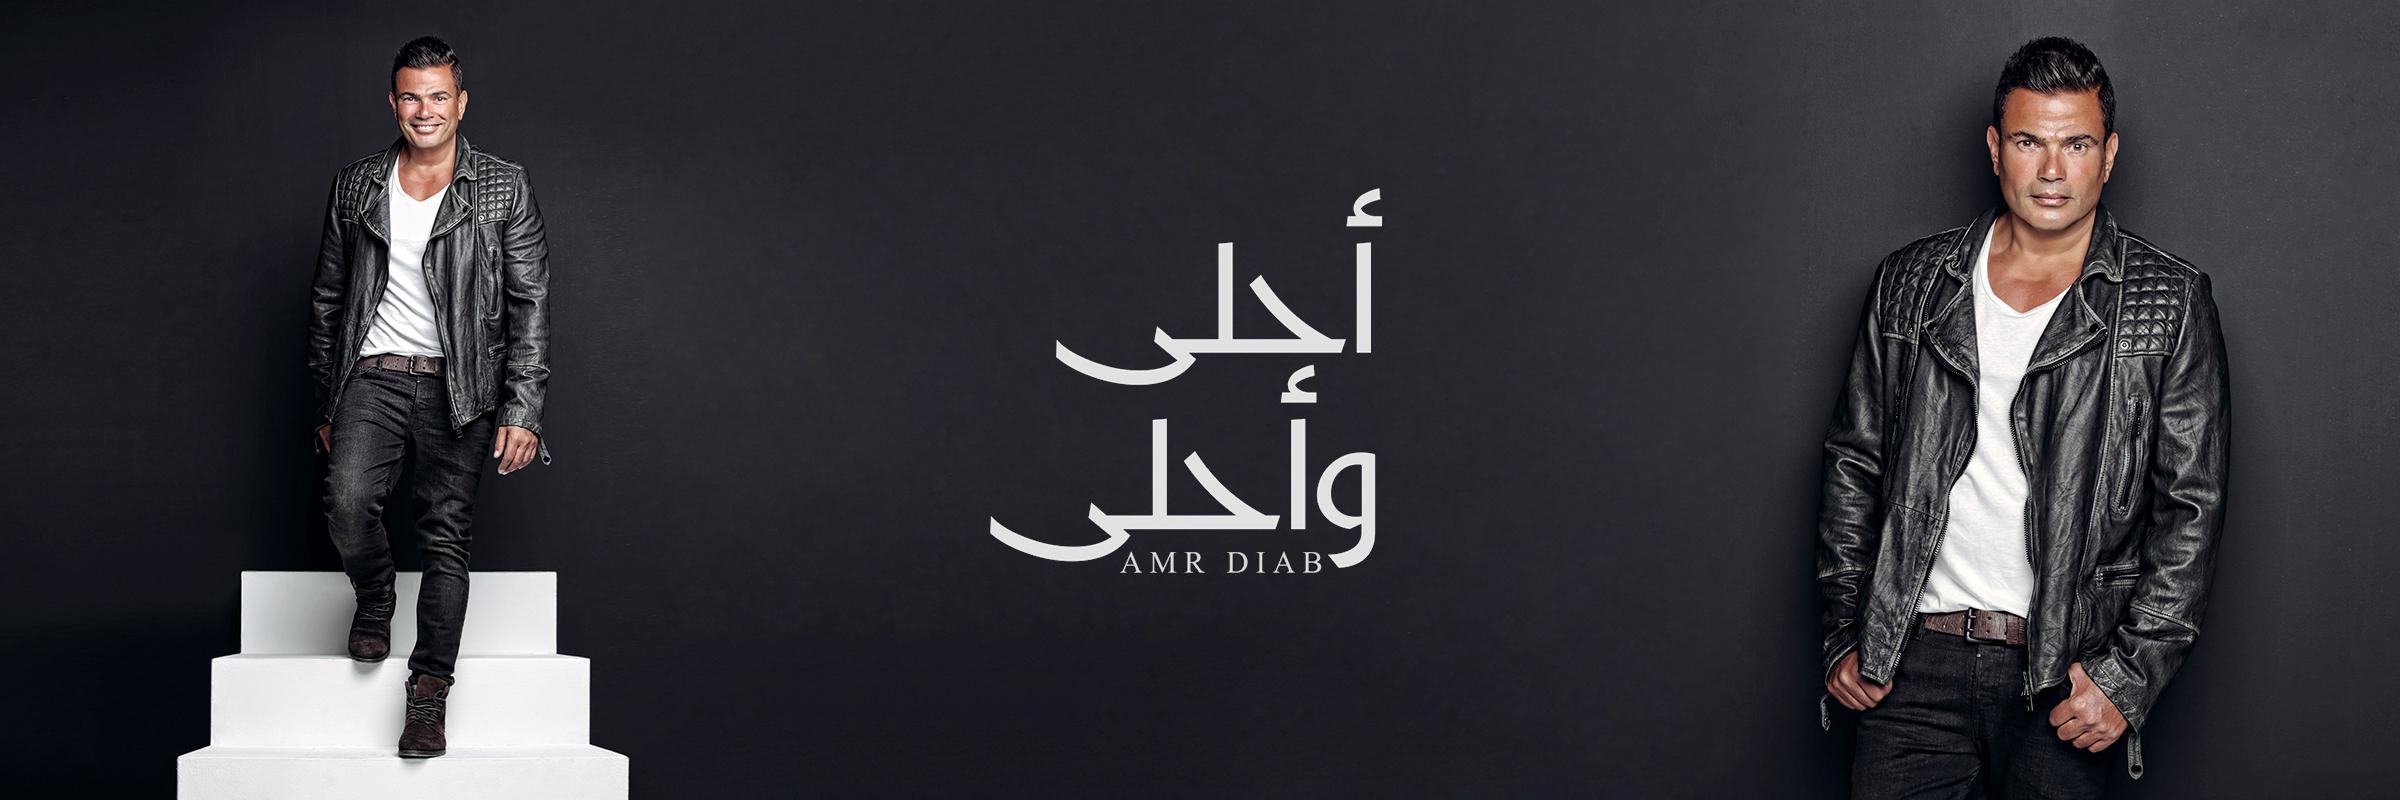 صور بوسترات البوم أحلى وأحلى عمرو دياب 2016 , صور كفرات البوم عمرو دياب أحلى وأحلى 2016